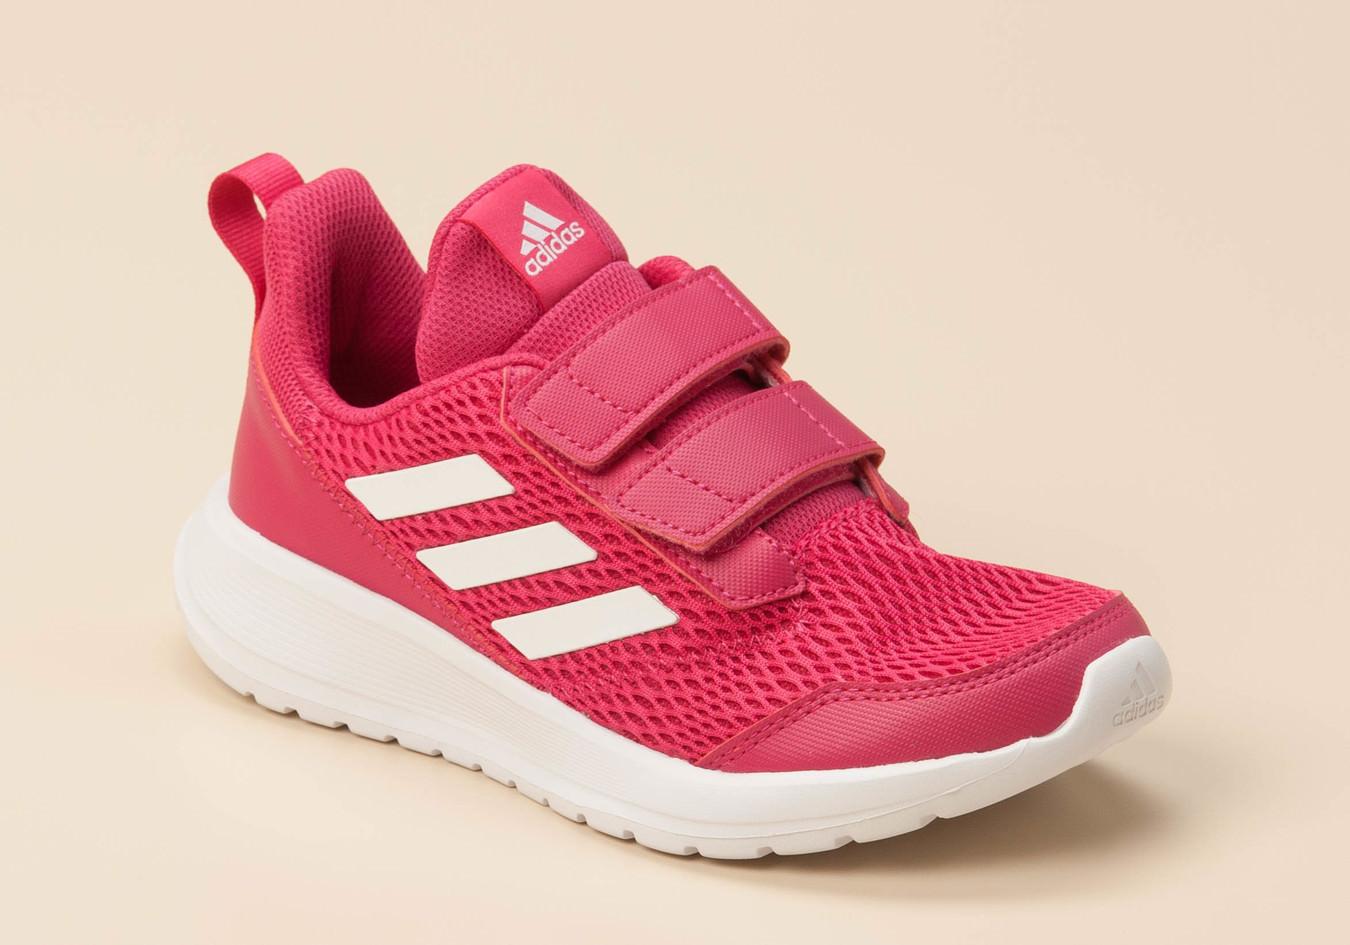 Adidas Kinder Sneaker in pink kaufen | Zumnorde Online Shop